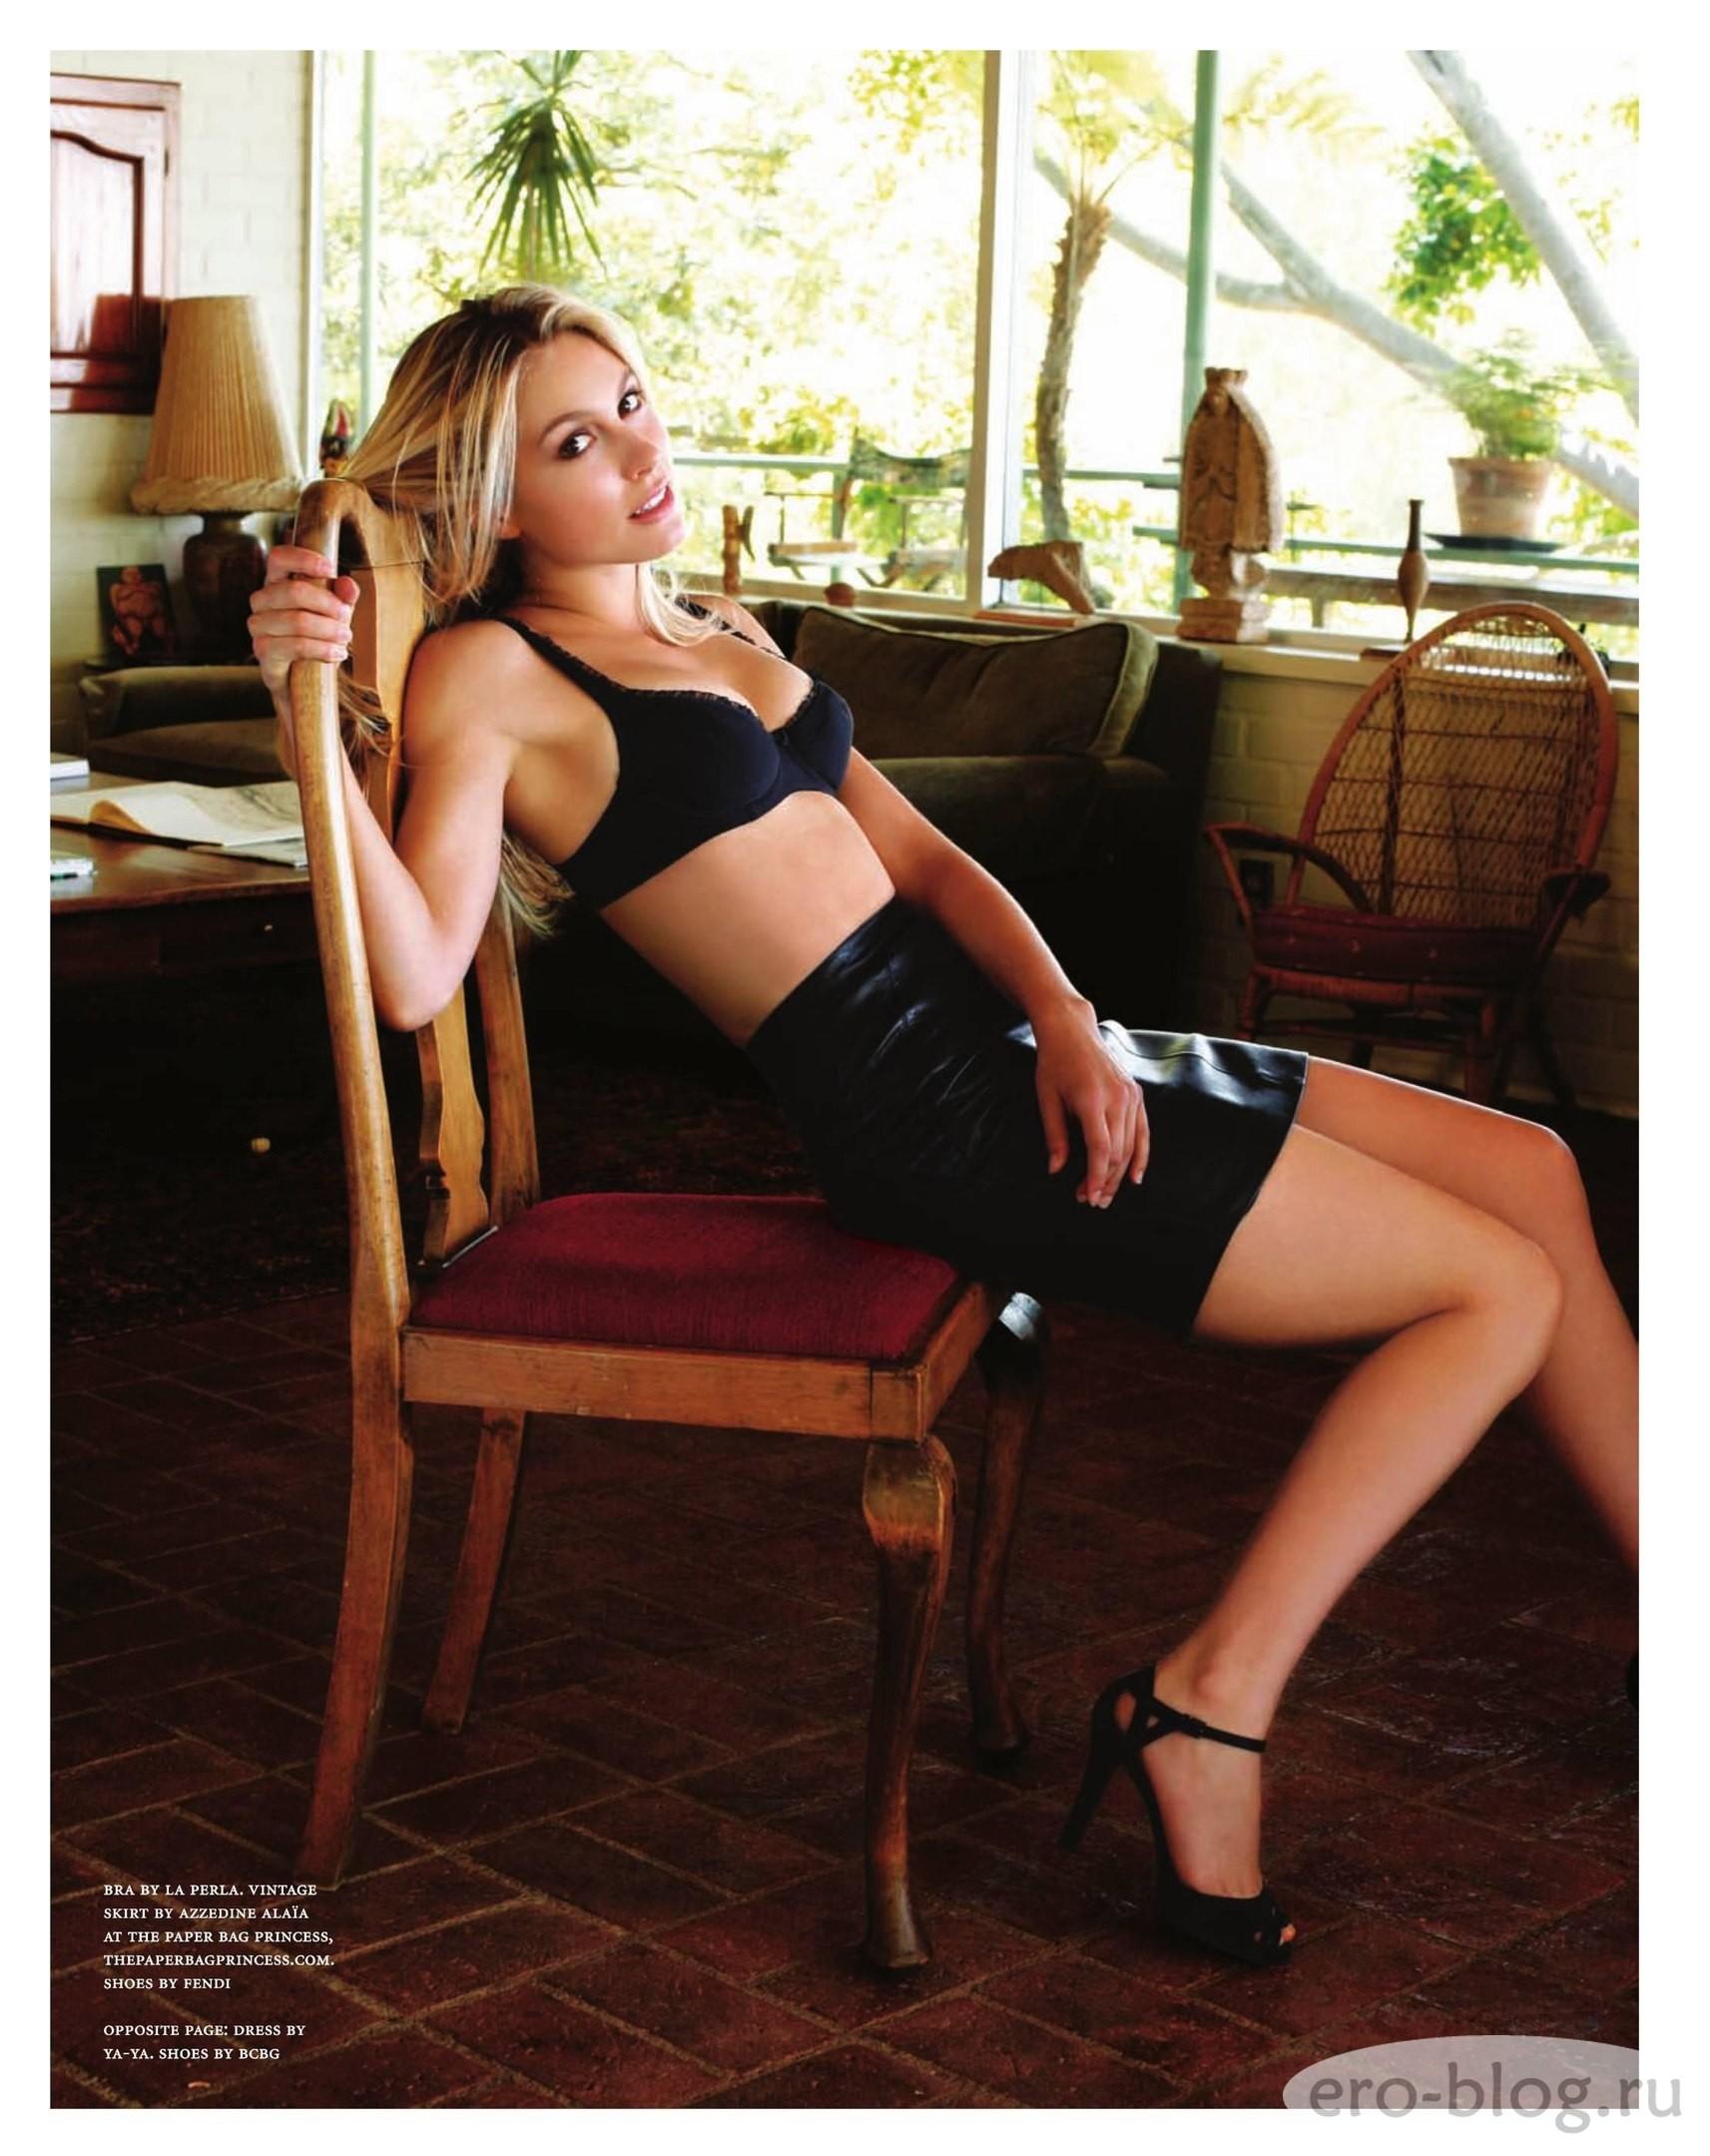 Голая обнаженная Sarah Carter | Сара Картер интимные фото звезды